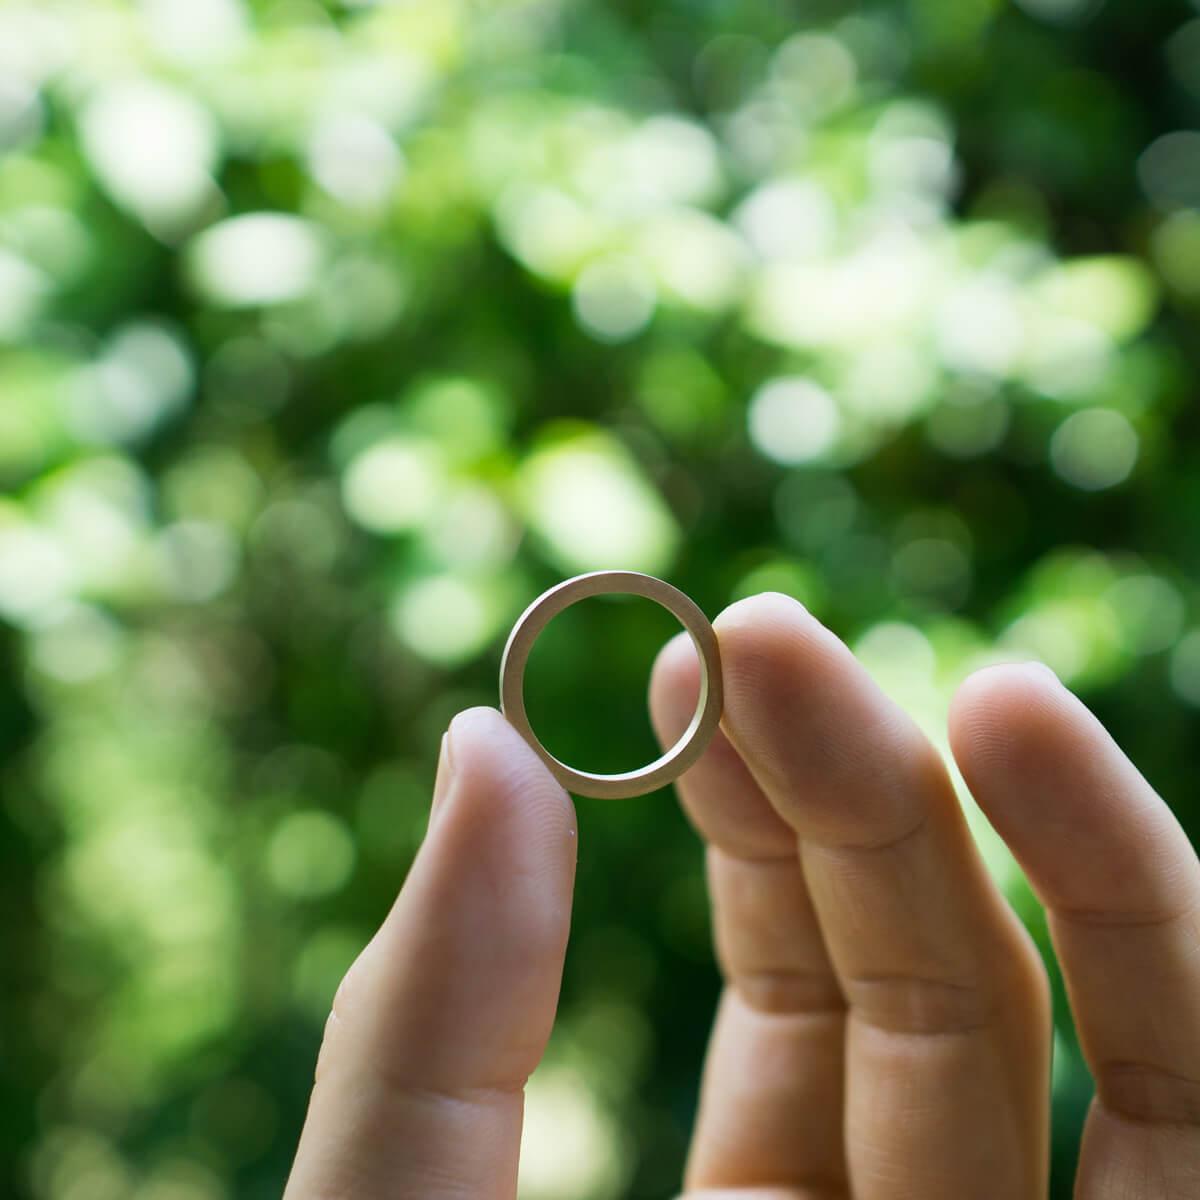 屋久島の緑の中 オーダーメイド結婚指輪を手に持って ゴールド、プラチナ 屋久島でつくる結婚指輪